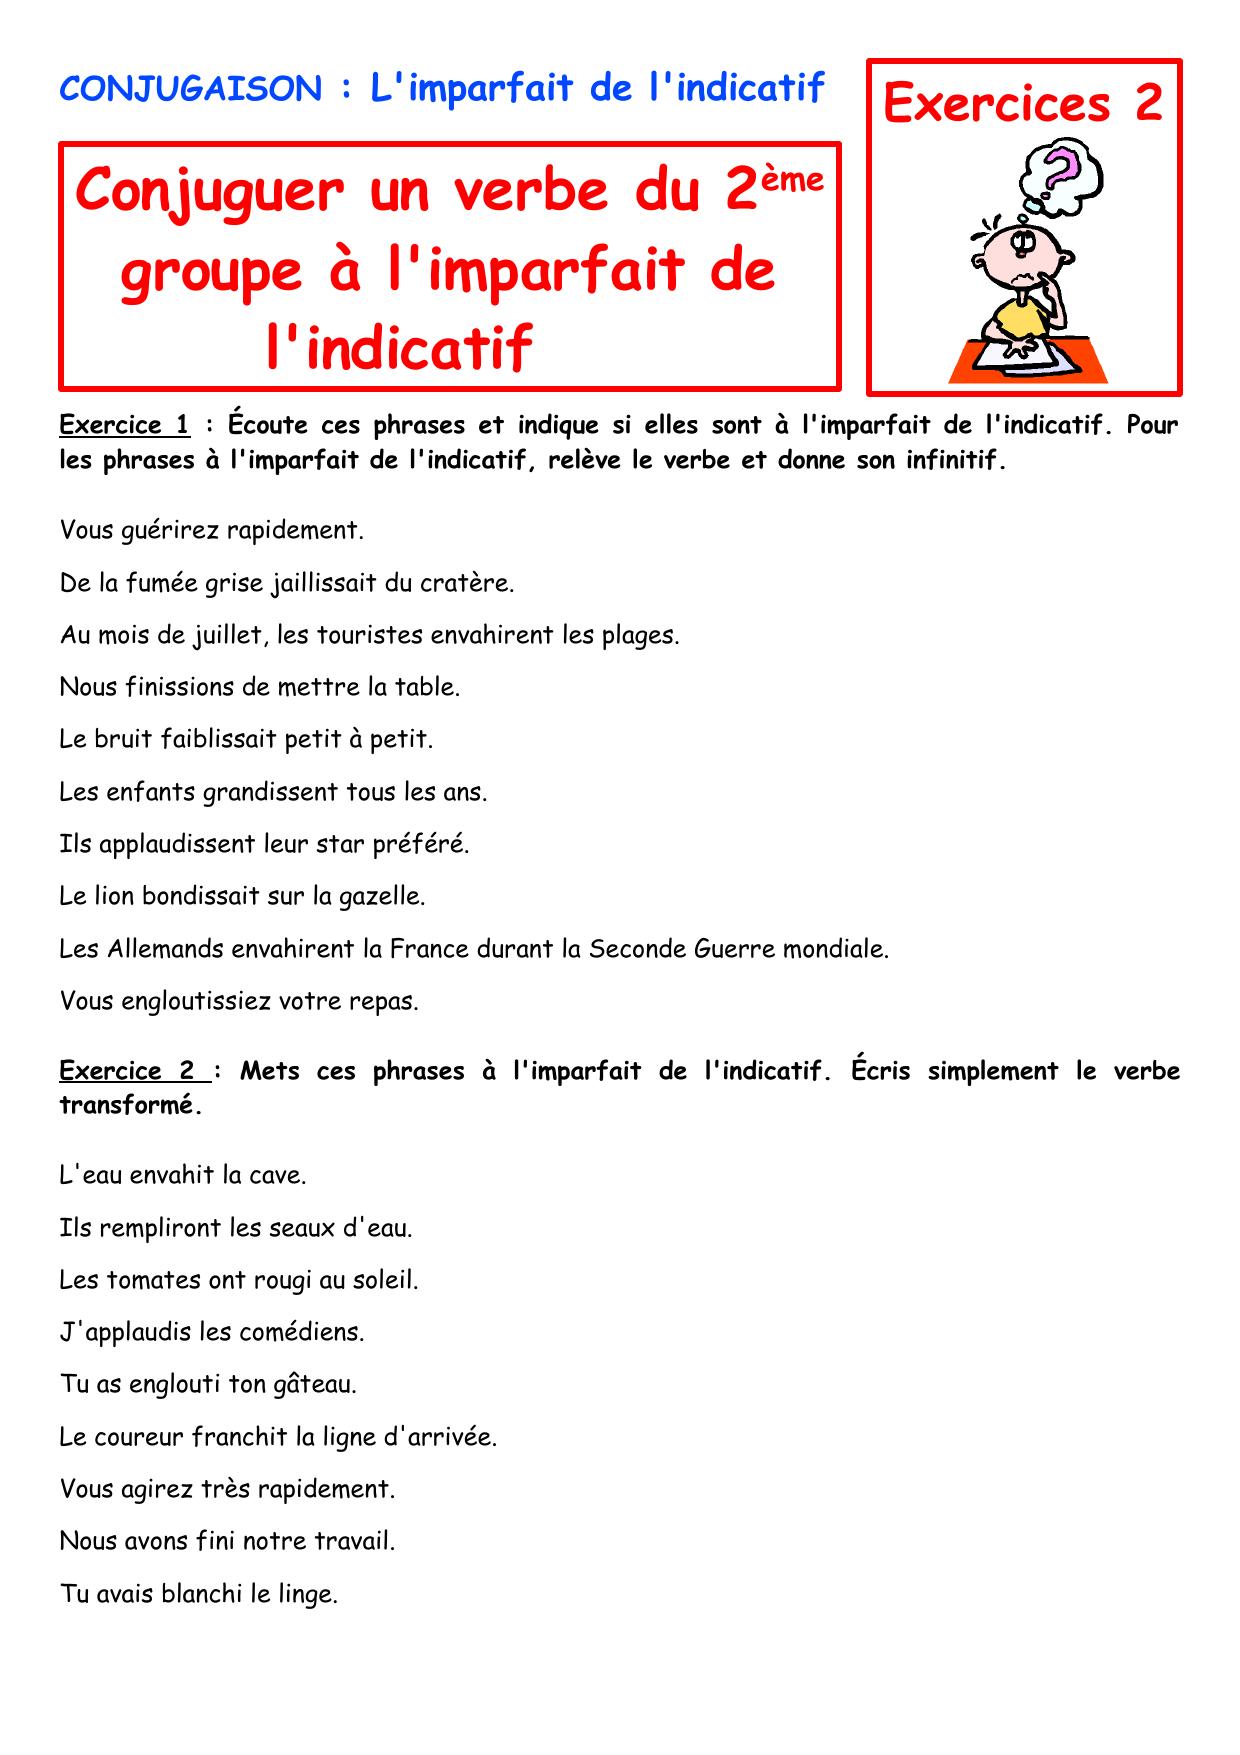 Conjuguer Un Verbe Du 2eme Groupe A L Imparfait De L